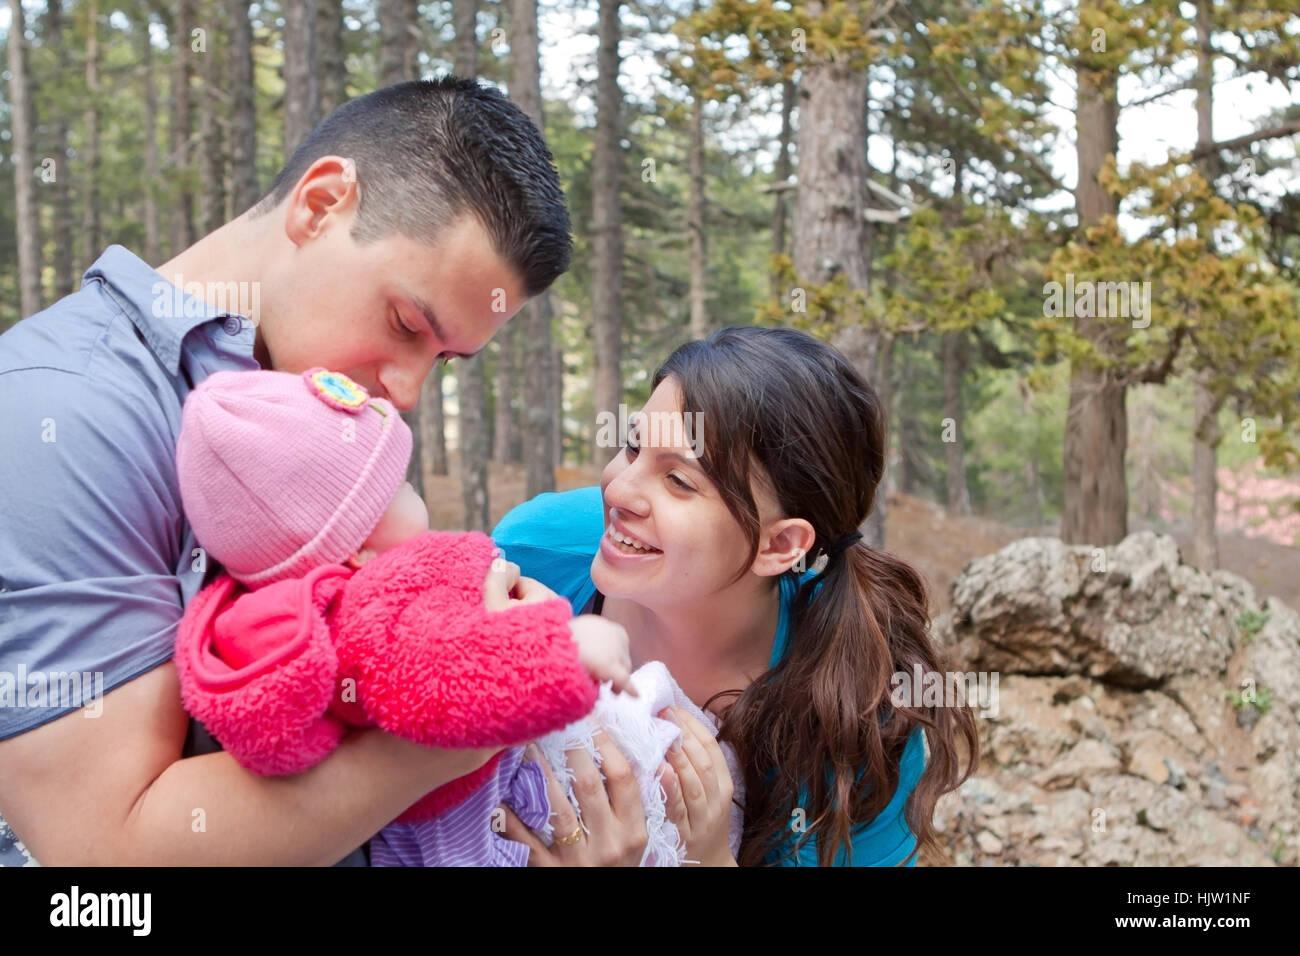 Eltern spielen mit und küssen Babymädchen Stockfoto